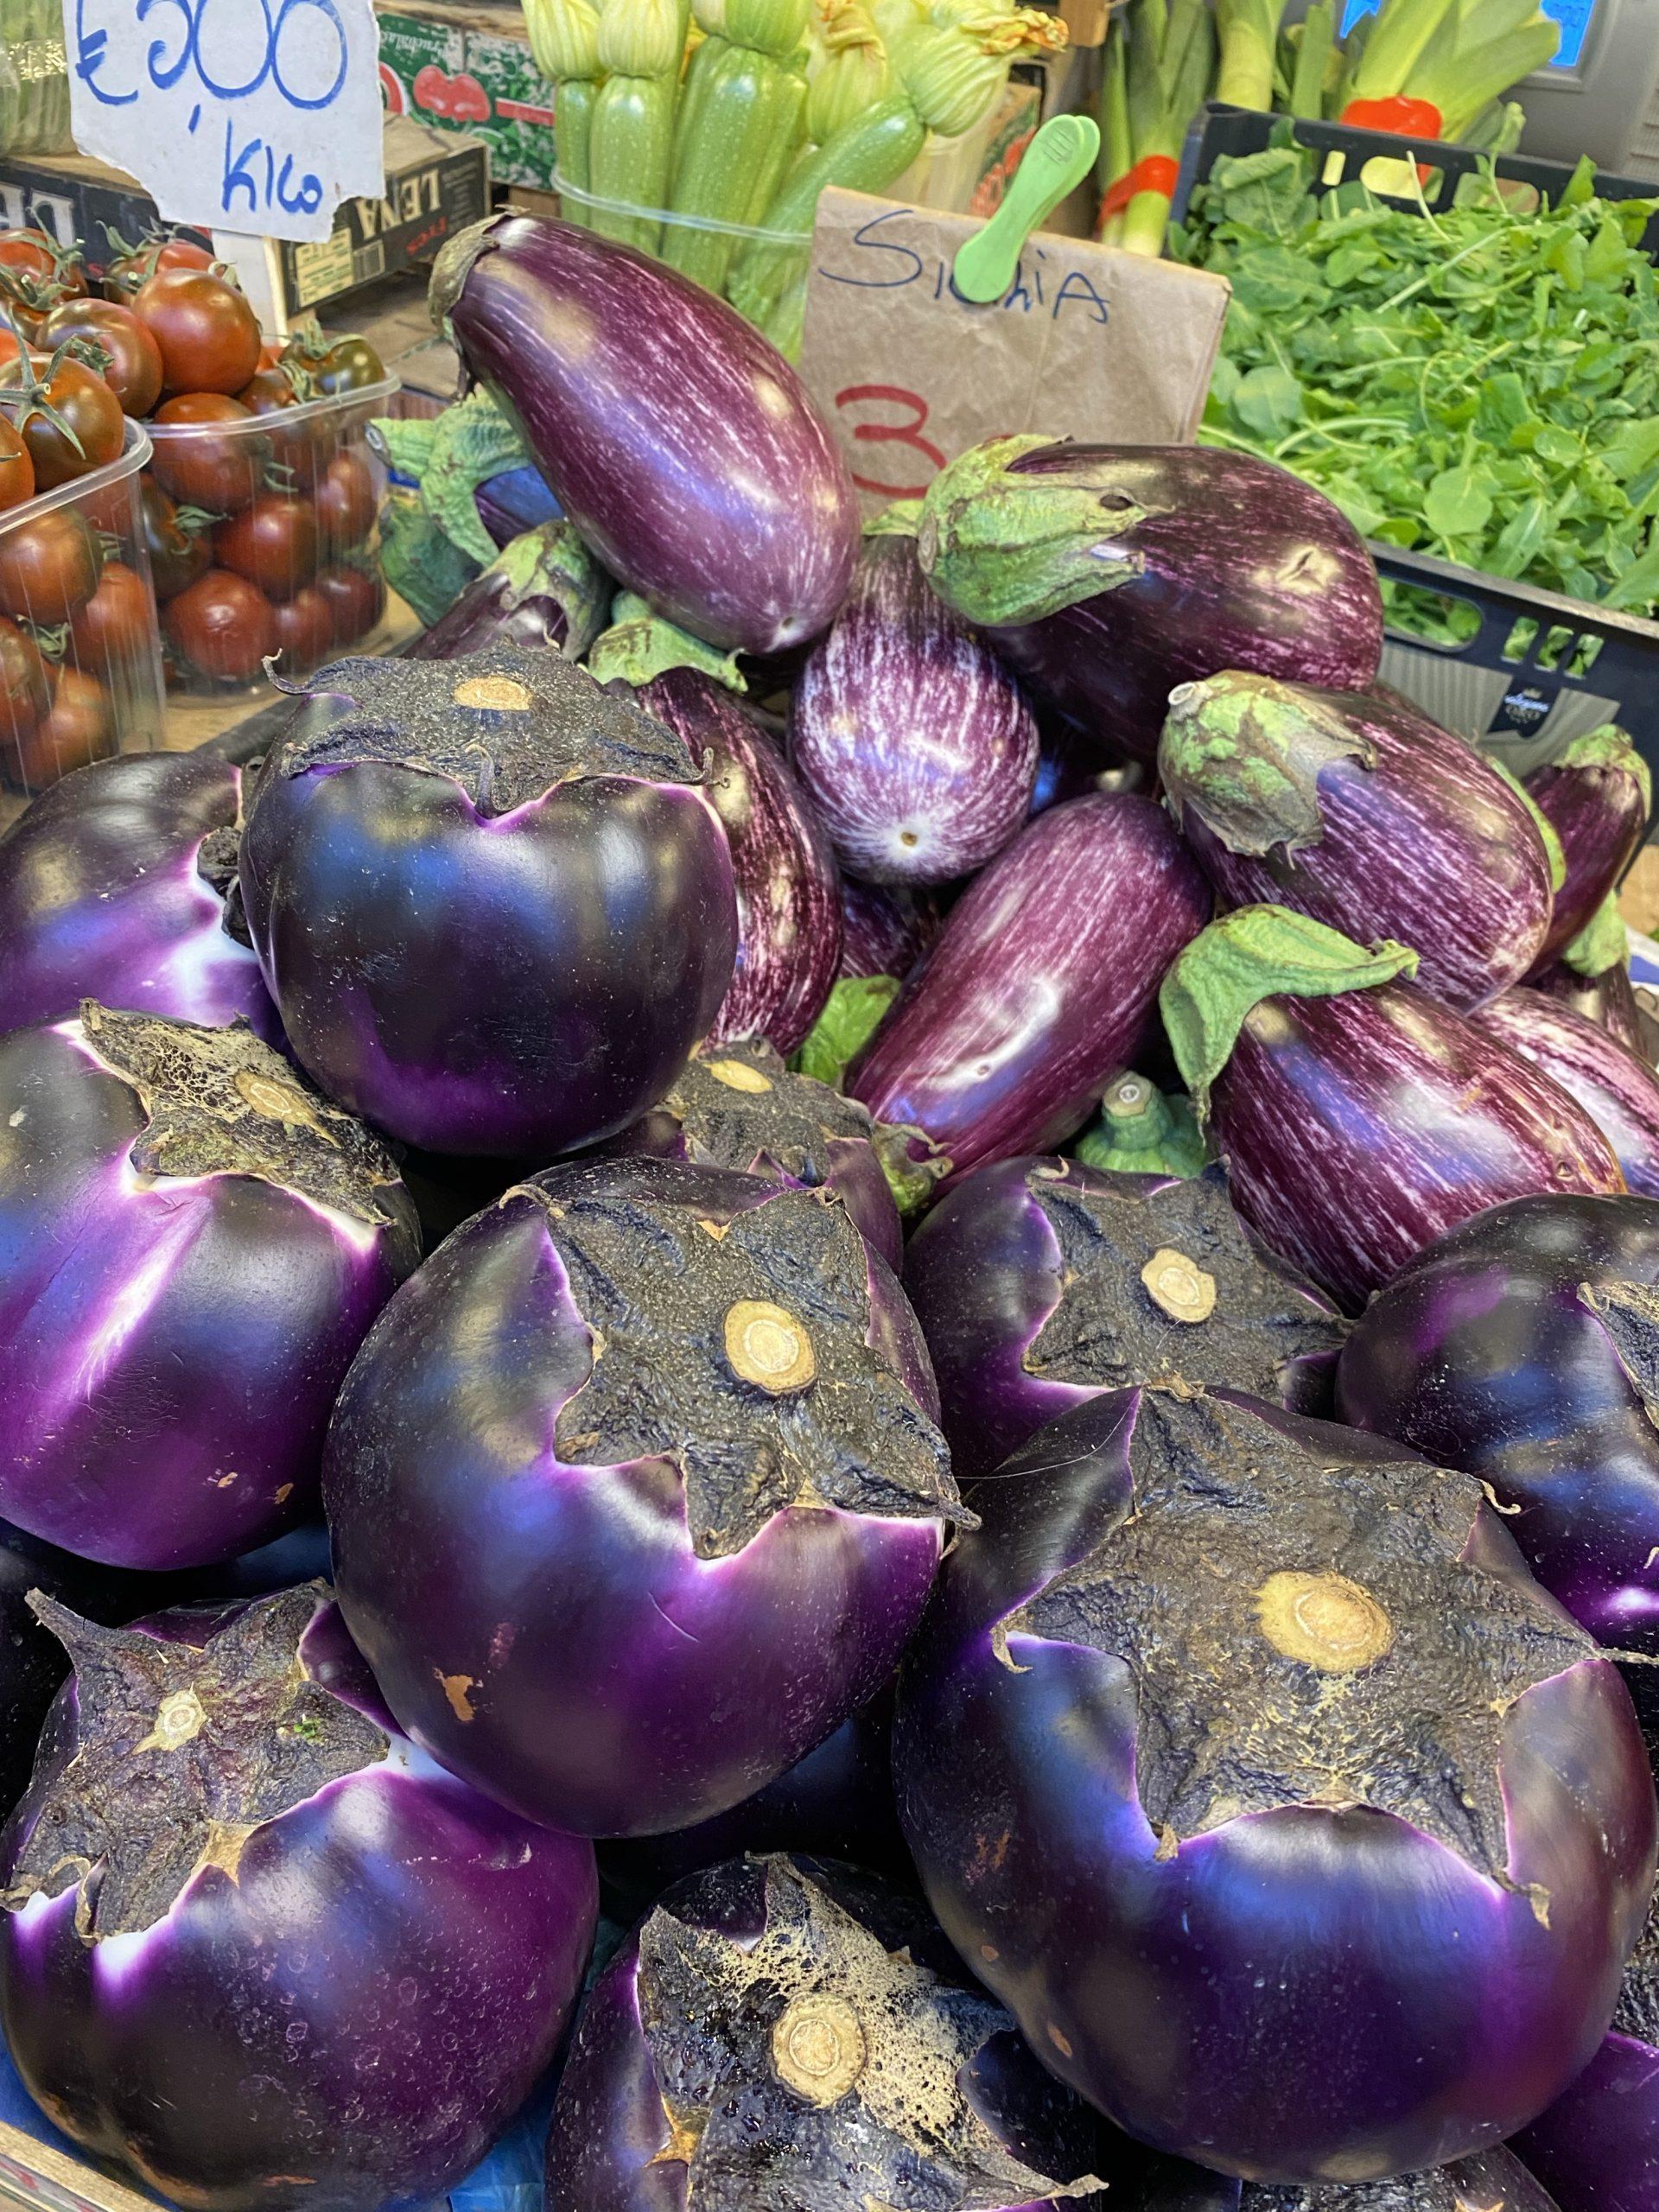 Eggplants, melanese, Mercato dei Fiori, Ventimiglia, Italy, Ventimille, Italie